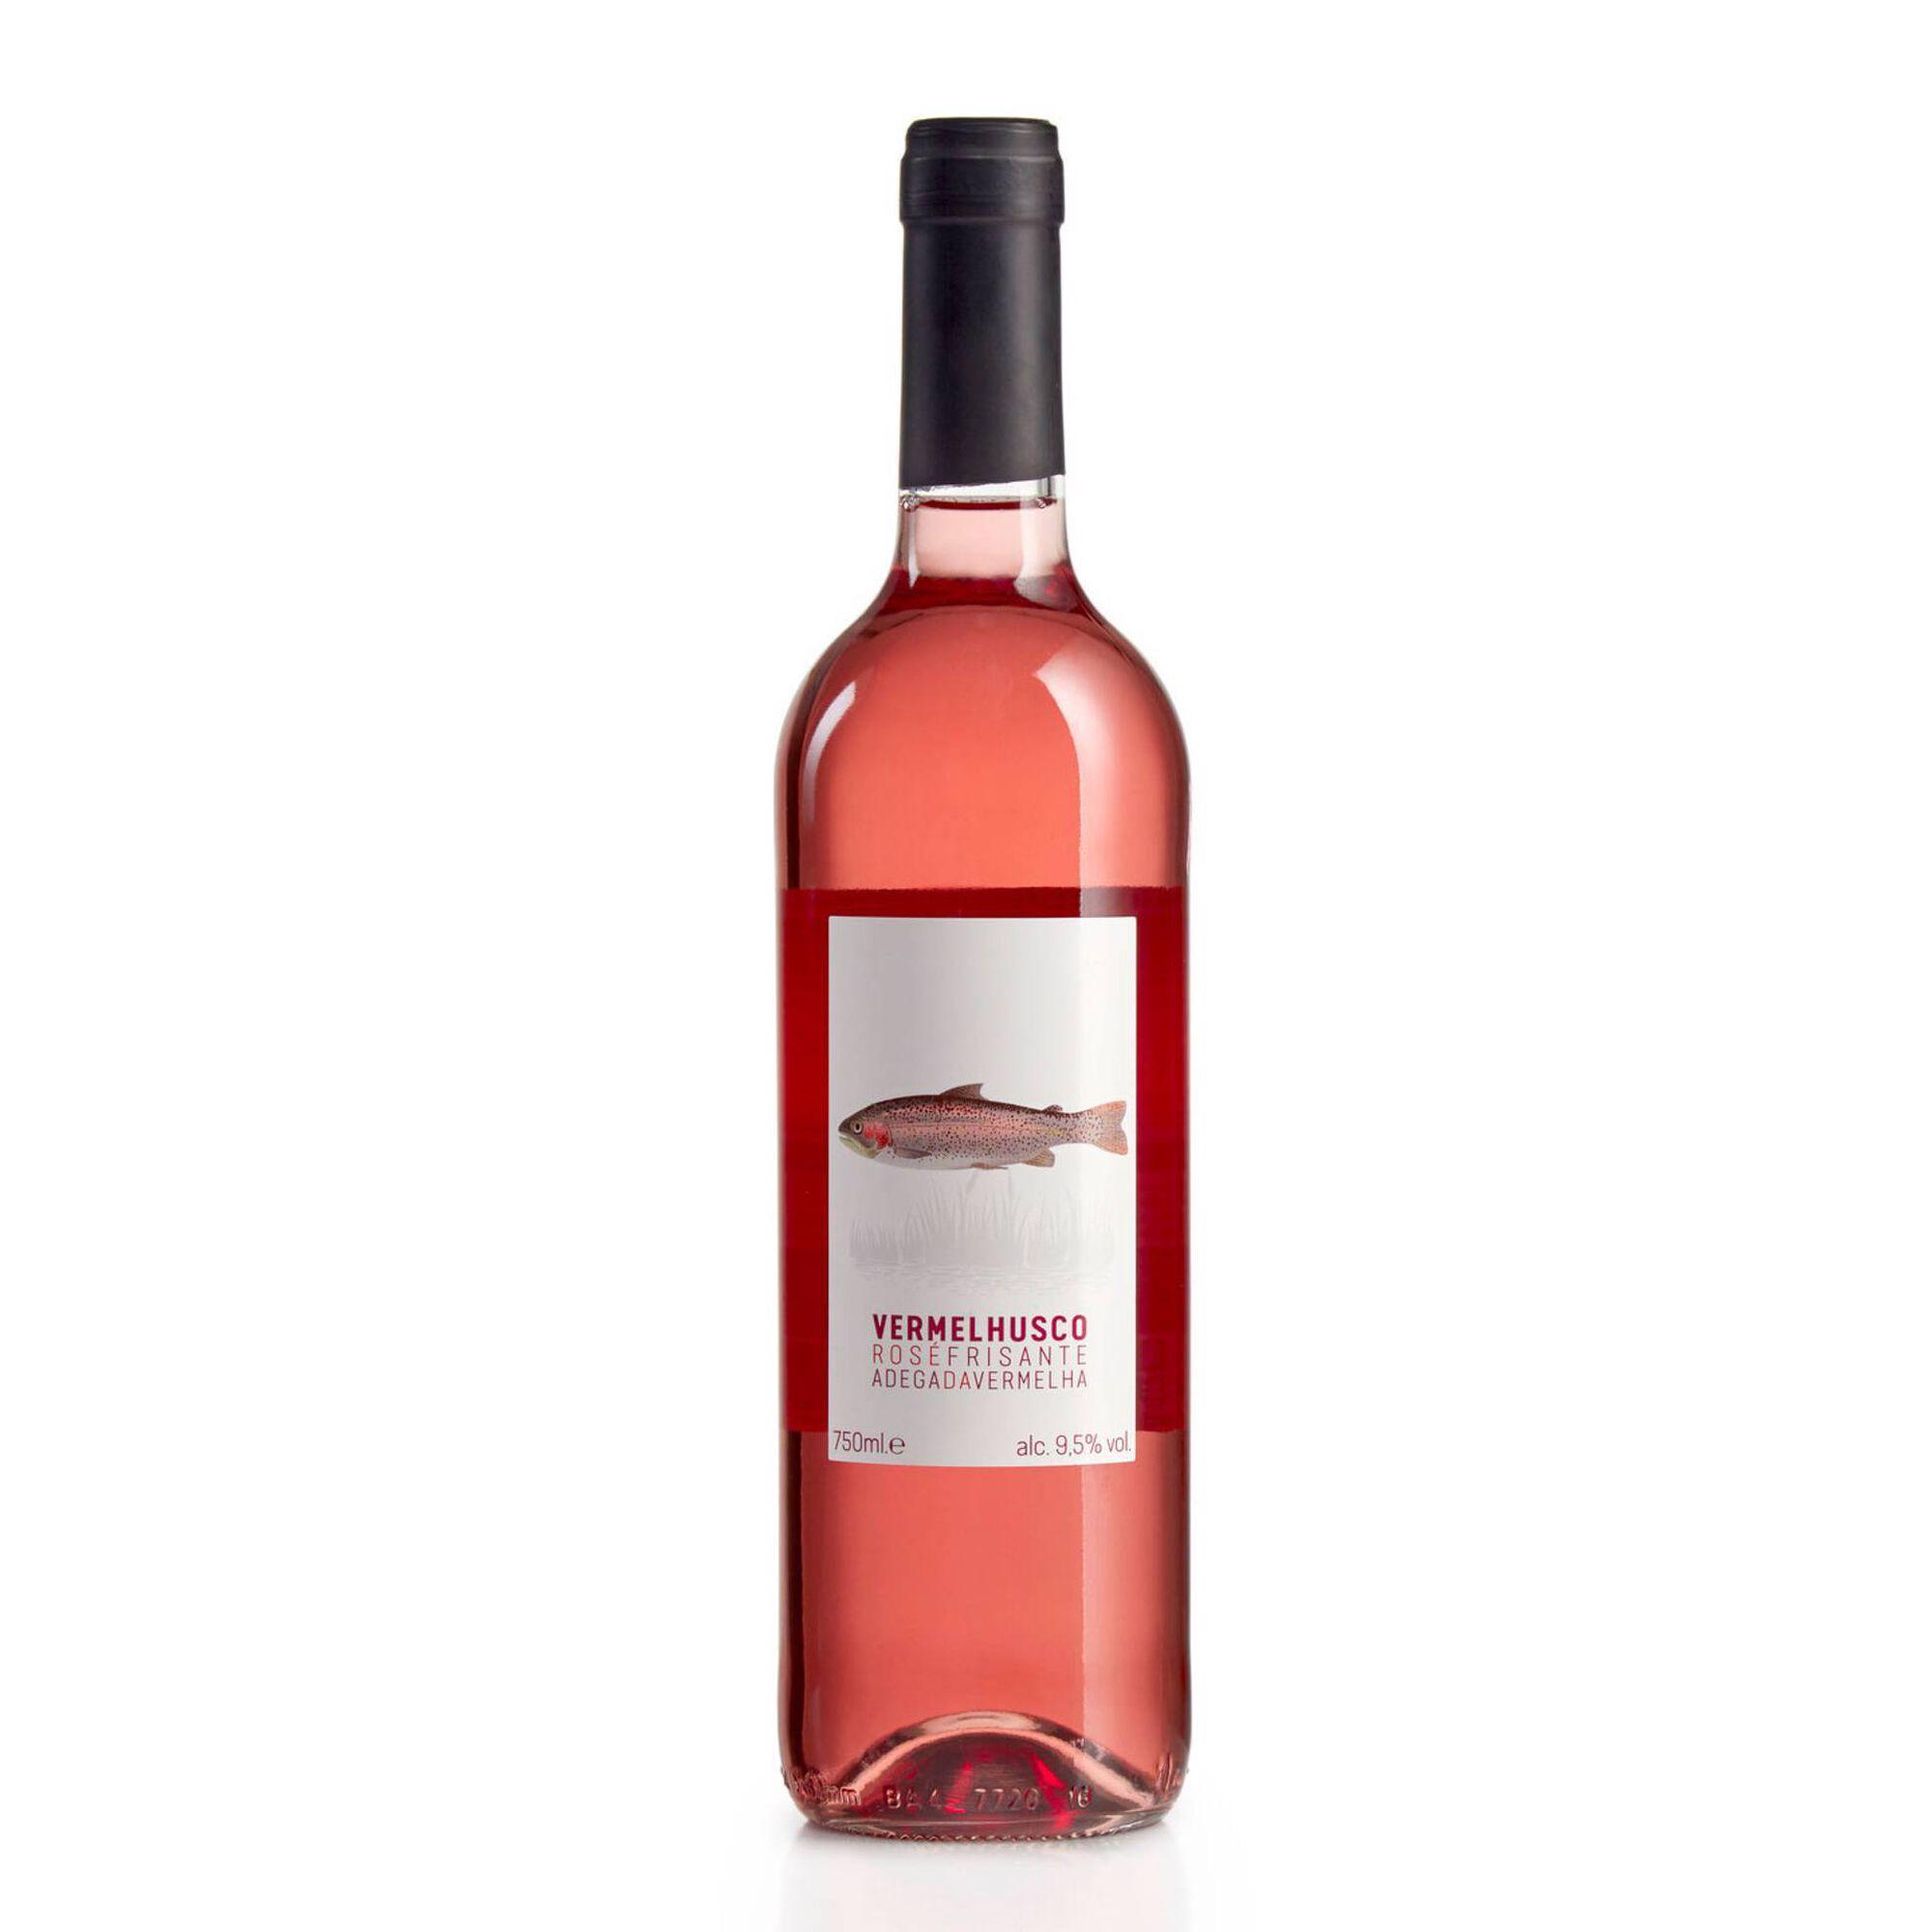 Vermelhusco Vinho Frisante Rosé